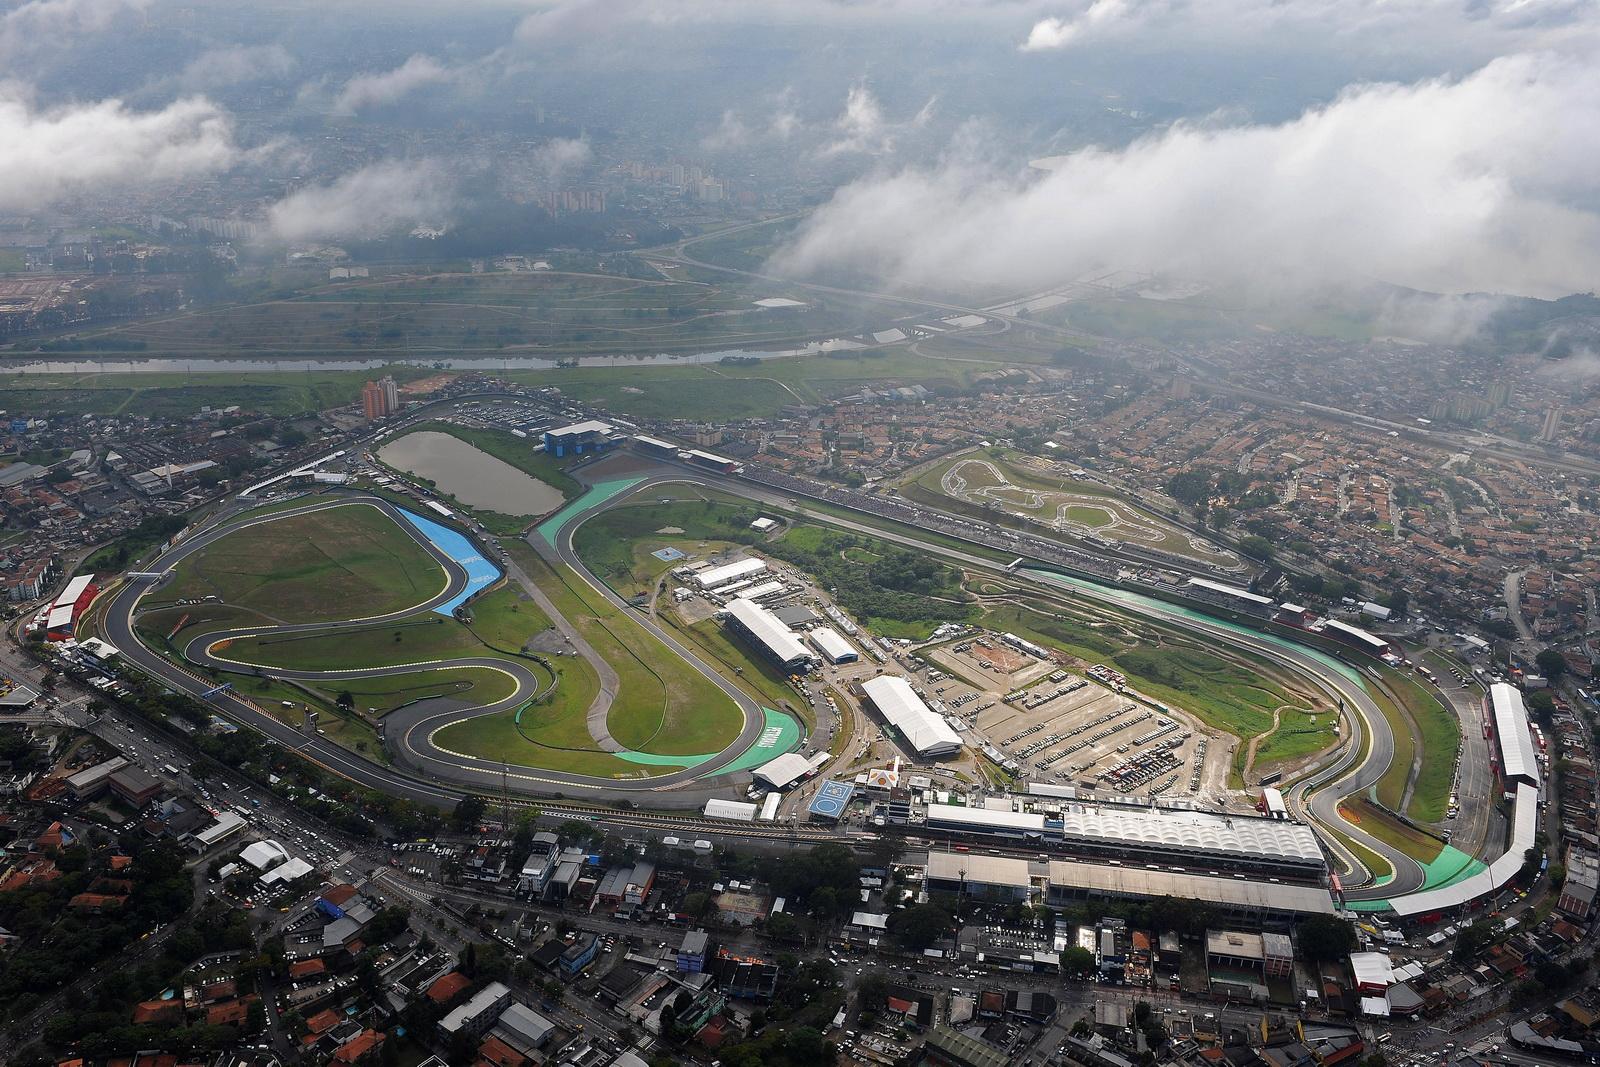 Horarios del GP de Brasil F1 2014 y datos del circuito de Interlagos